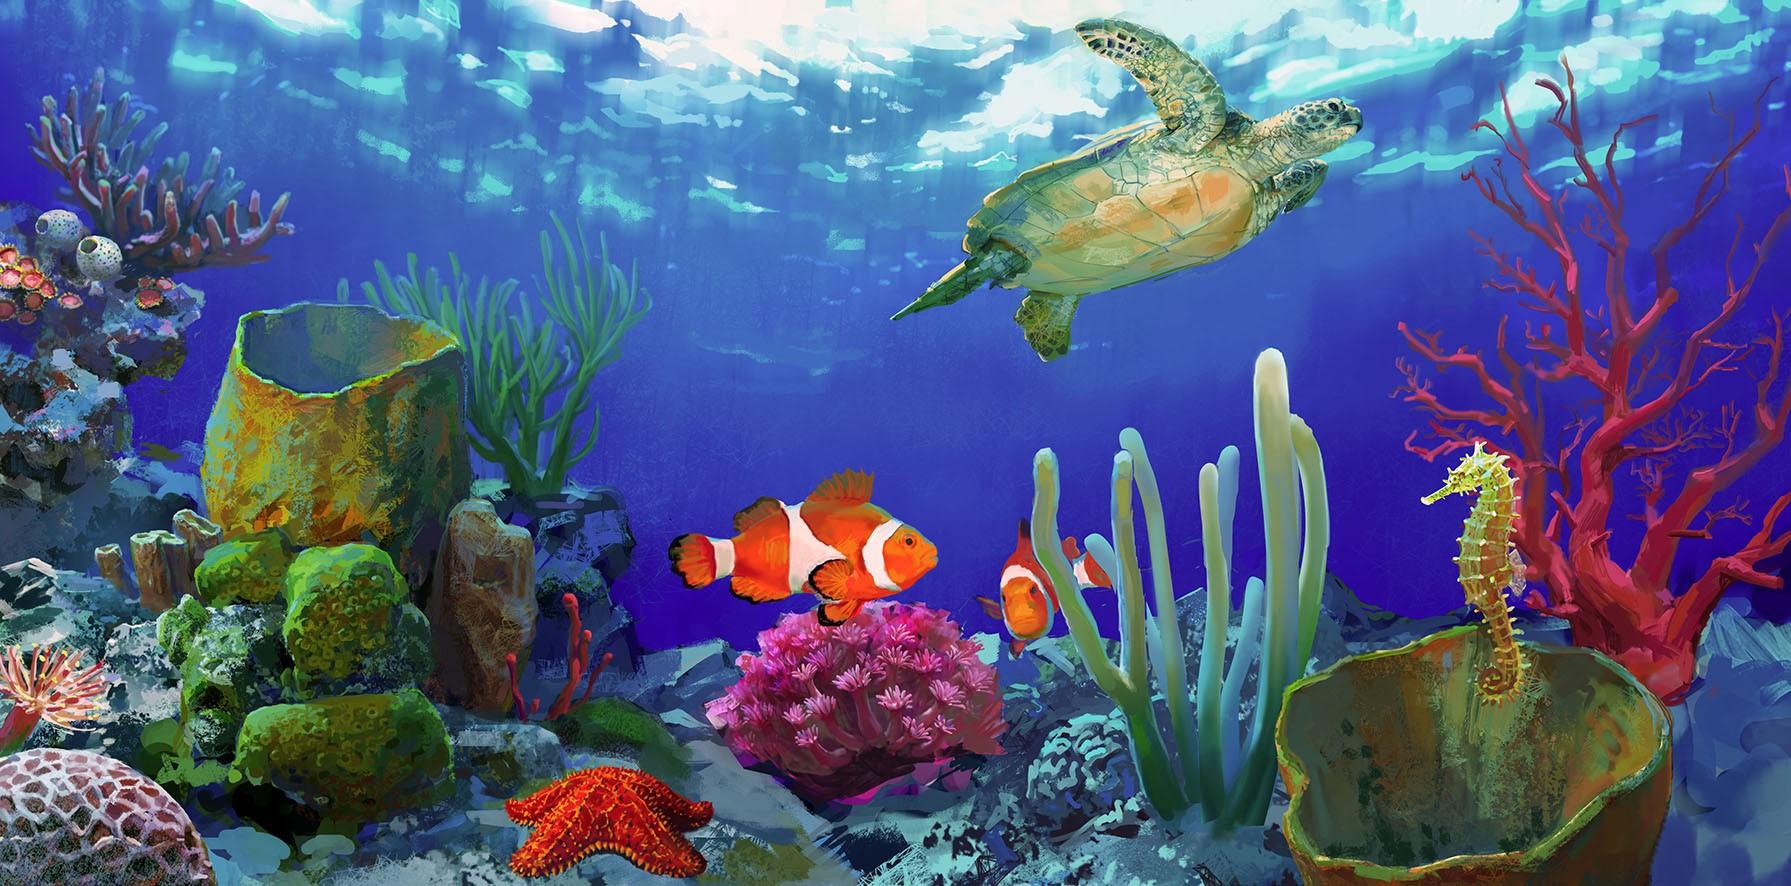 壁纸 海底 海底世界 海洋馆 水族馆 1791_886